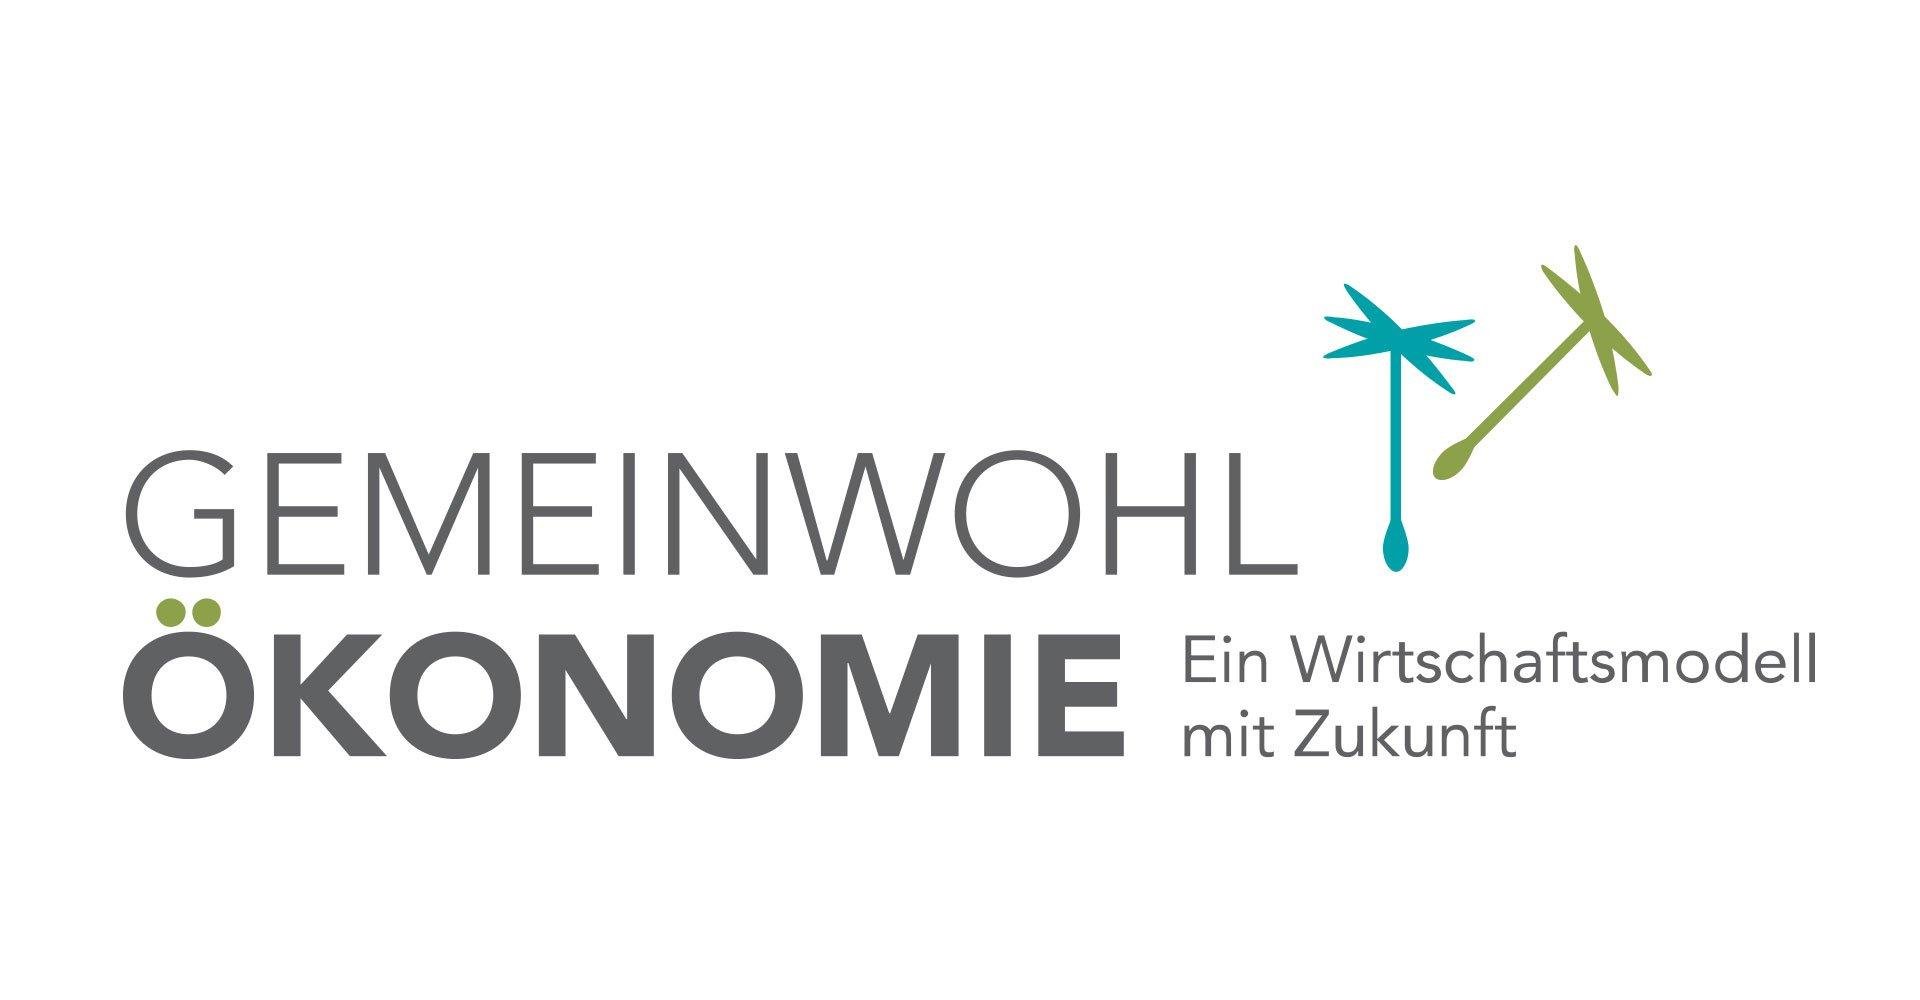 hp_gemeinwohl_oekonomie_logo